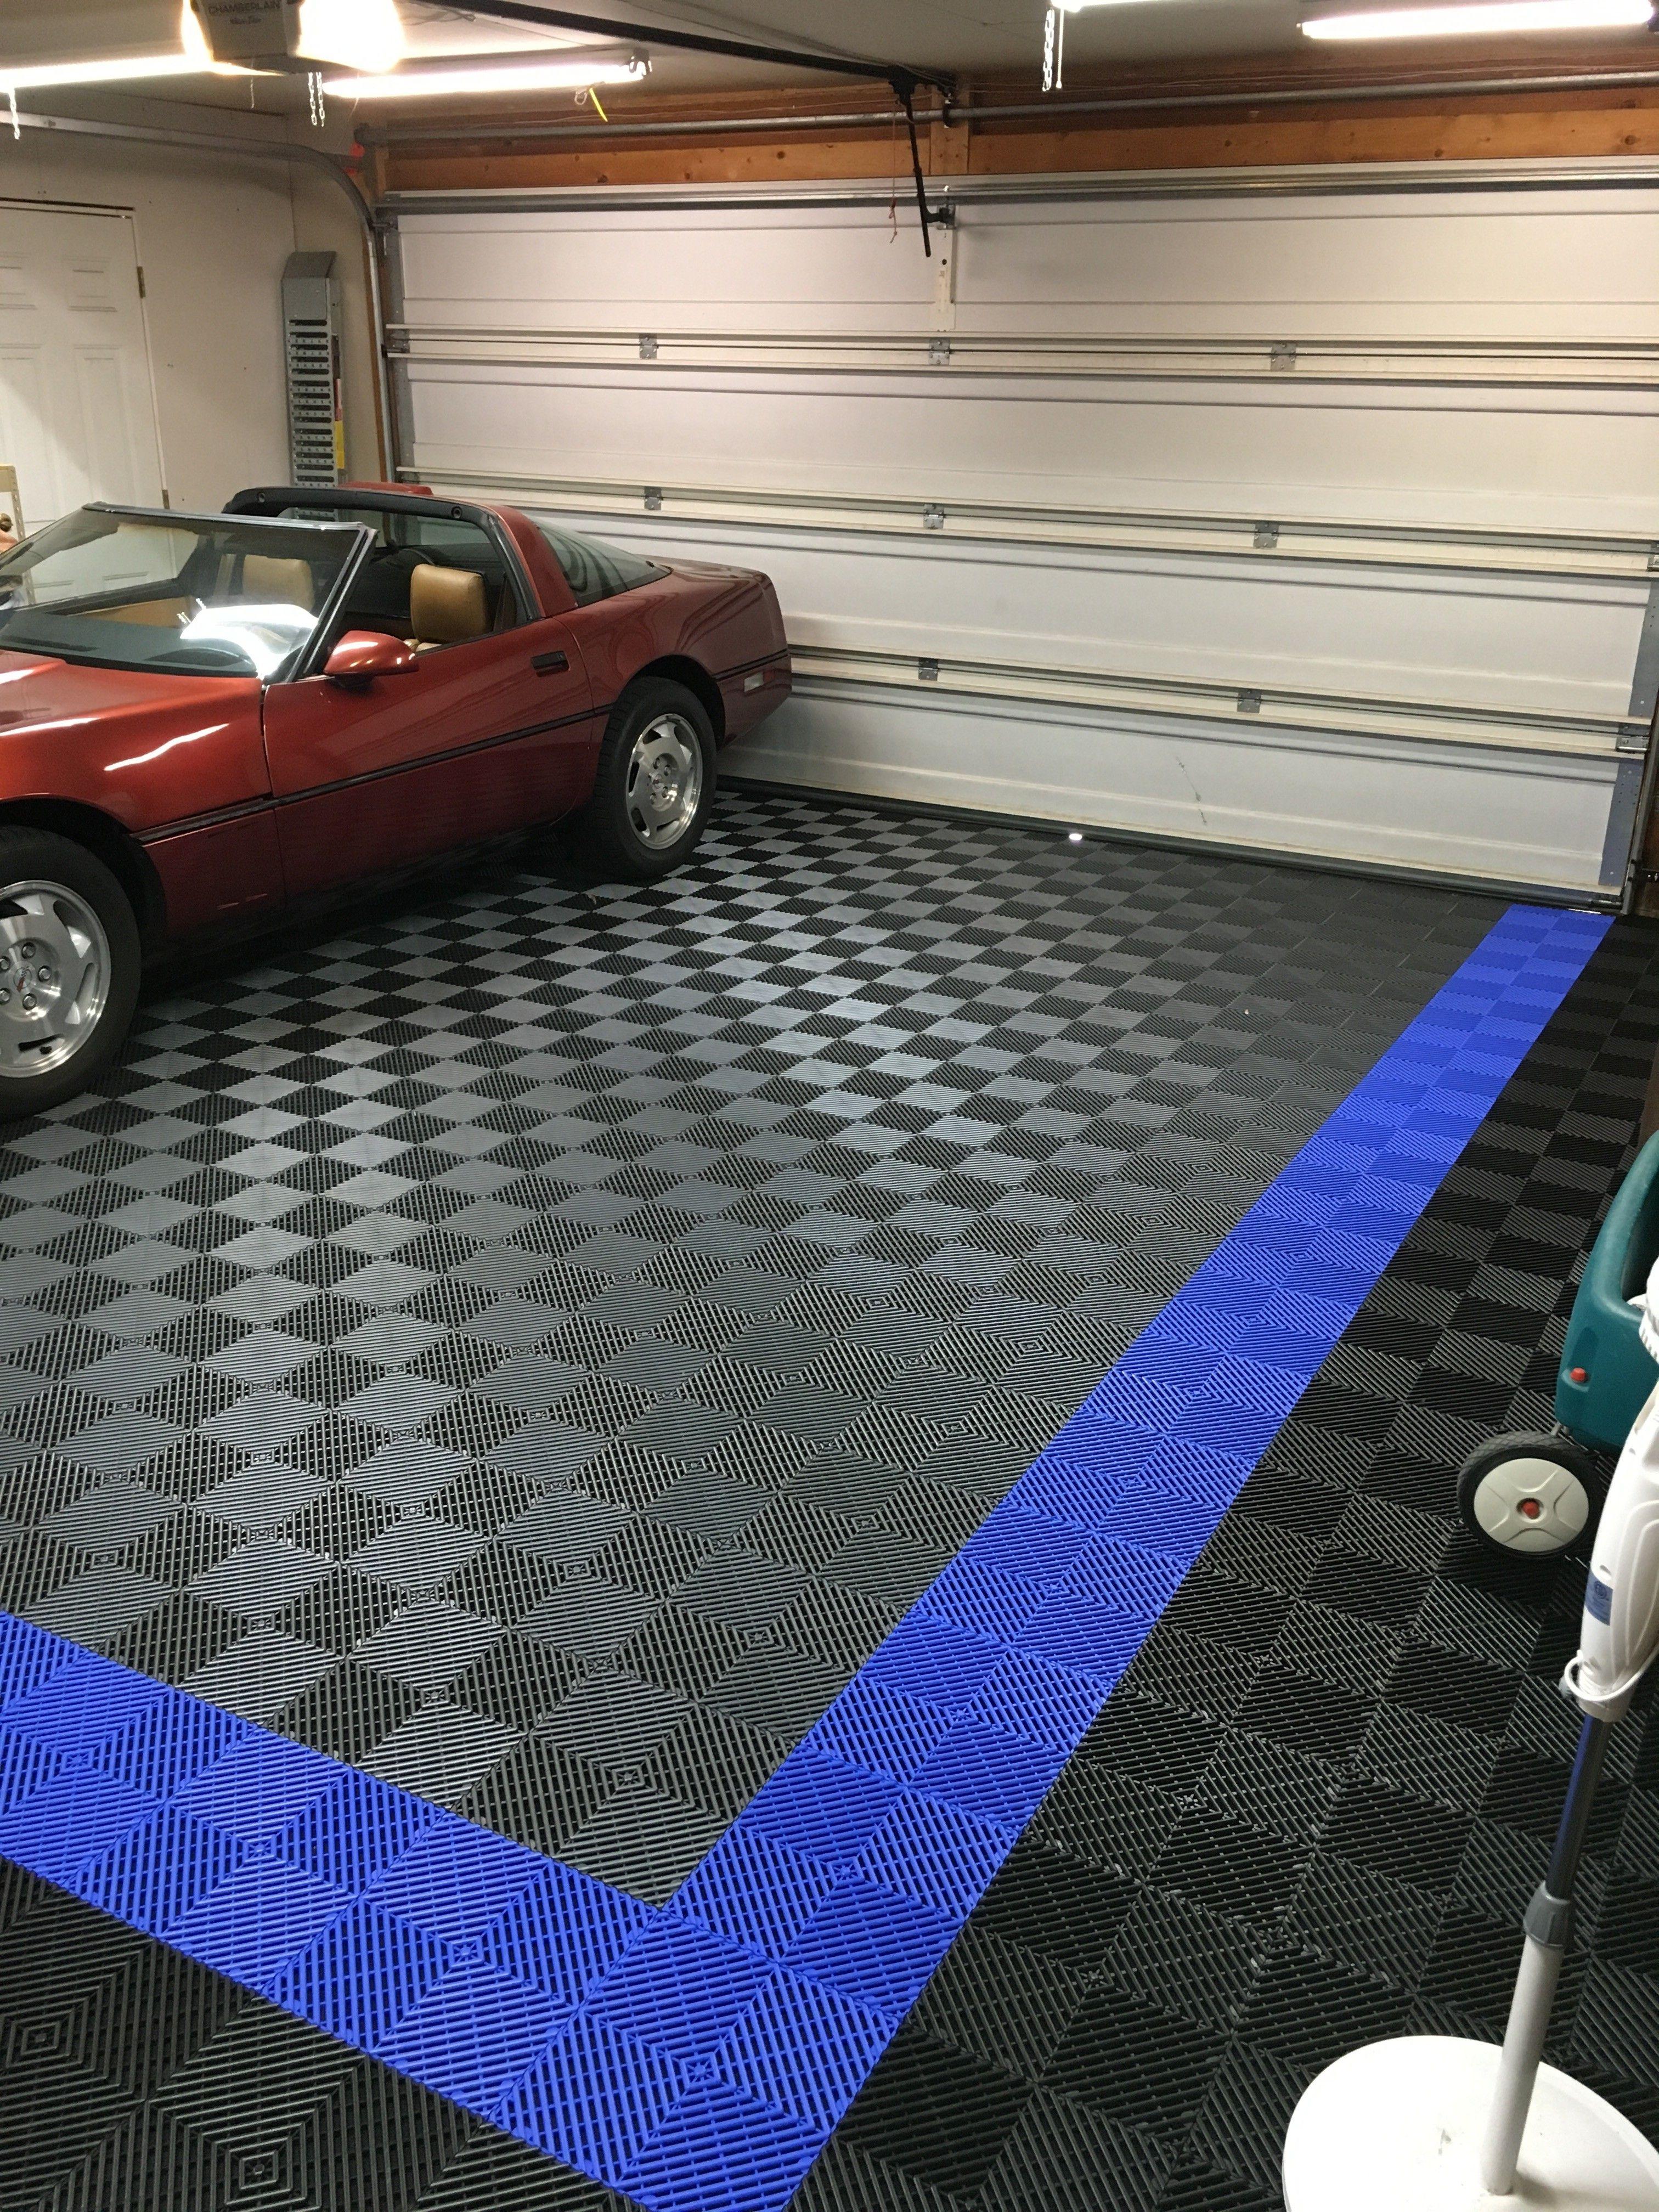 Garage Floor Tiles American Made Truelock Hd Racedeck Tile Garage Tile Garage Floor Tiles Garage Floor